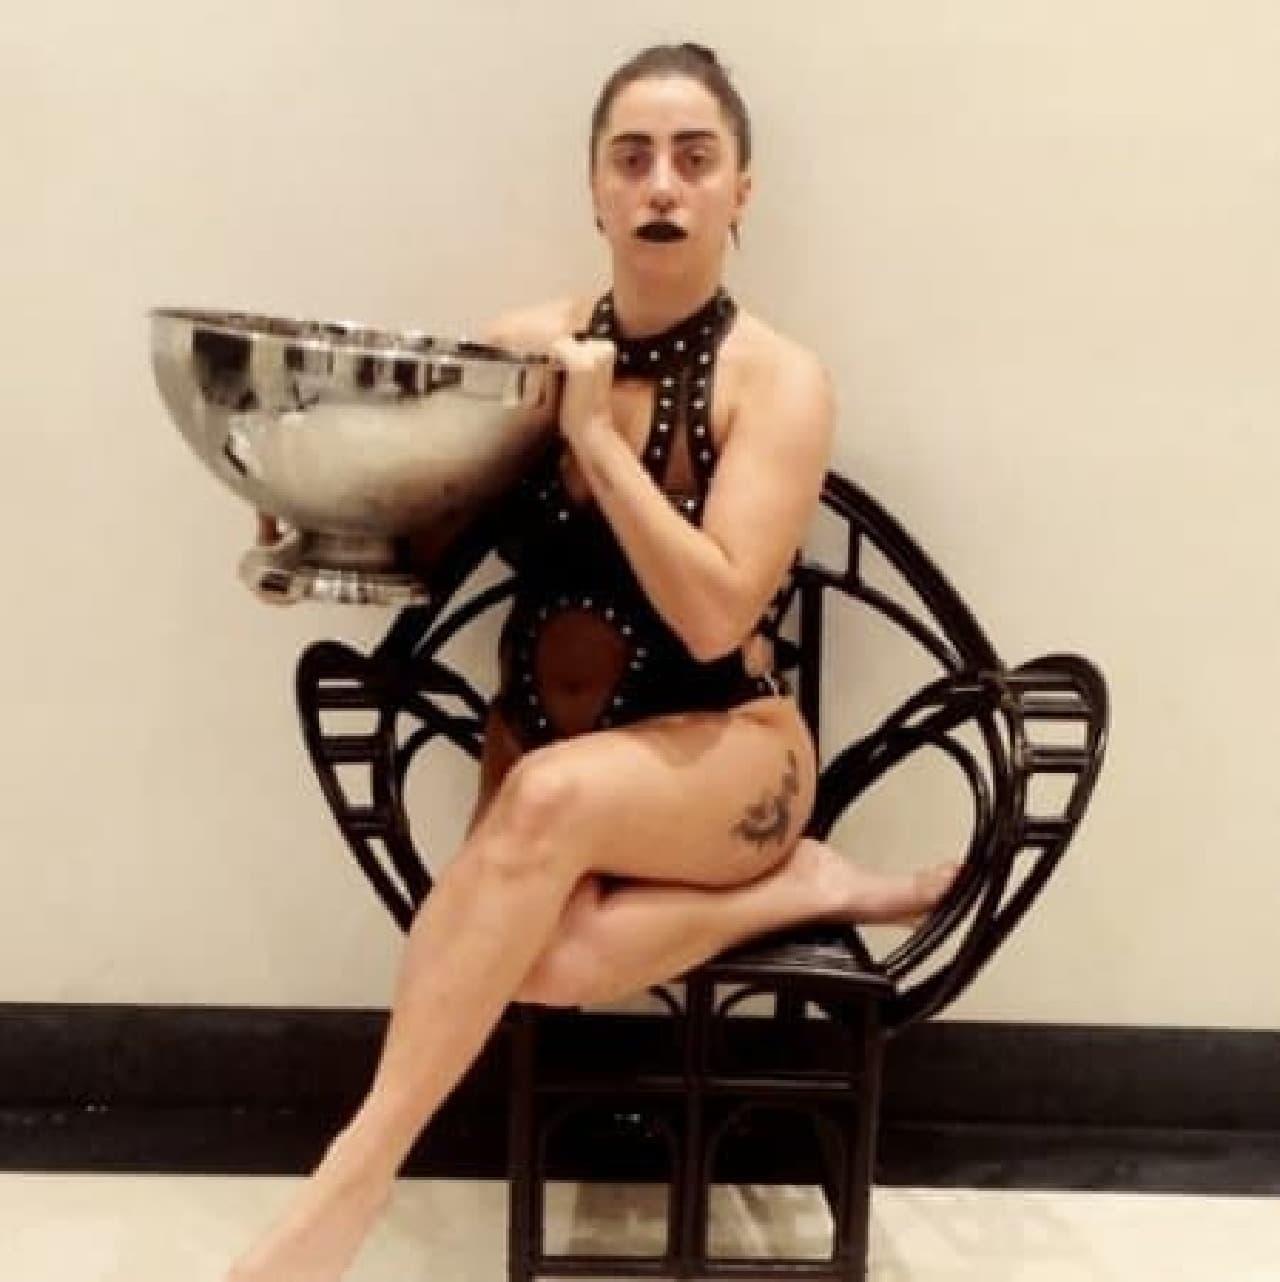 ガガ様も。なんか美しい  (出典:Lady GaGa 公式 Instagram)